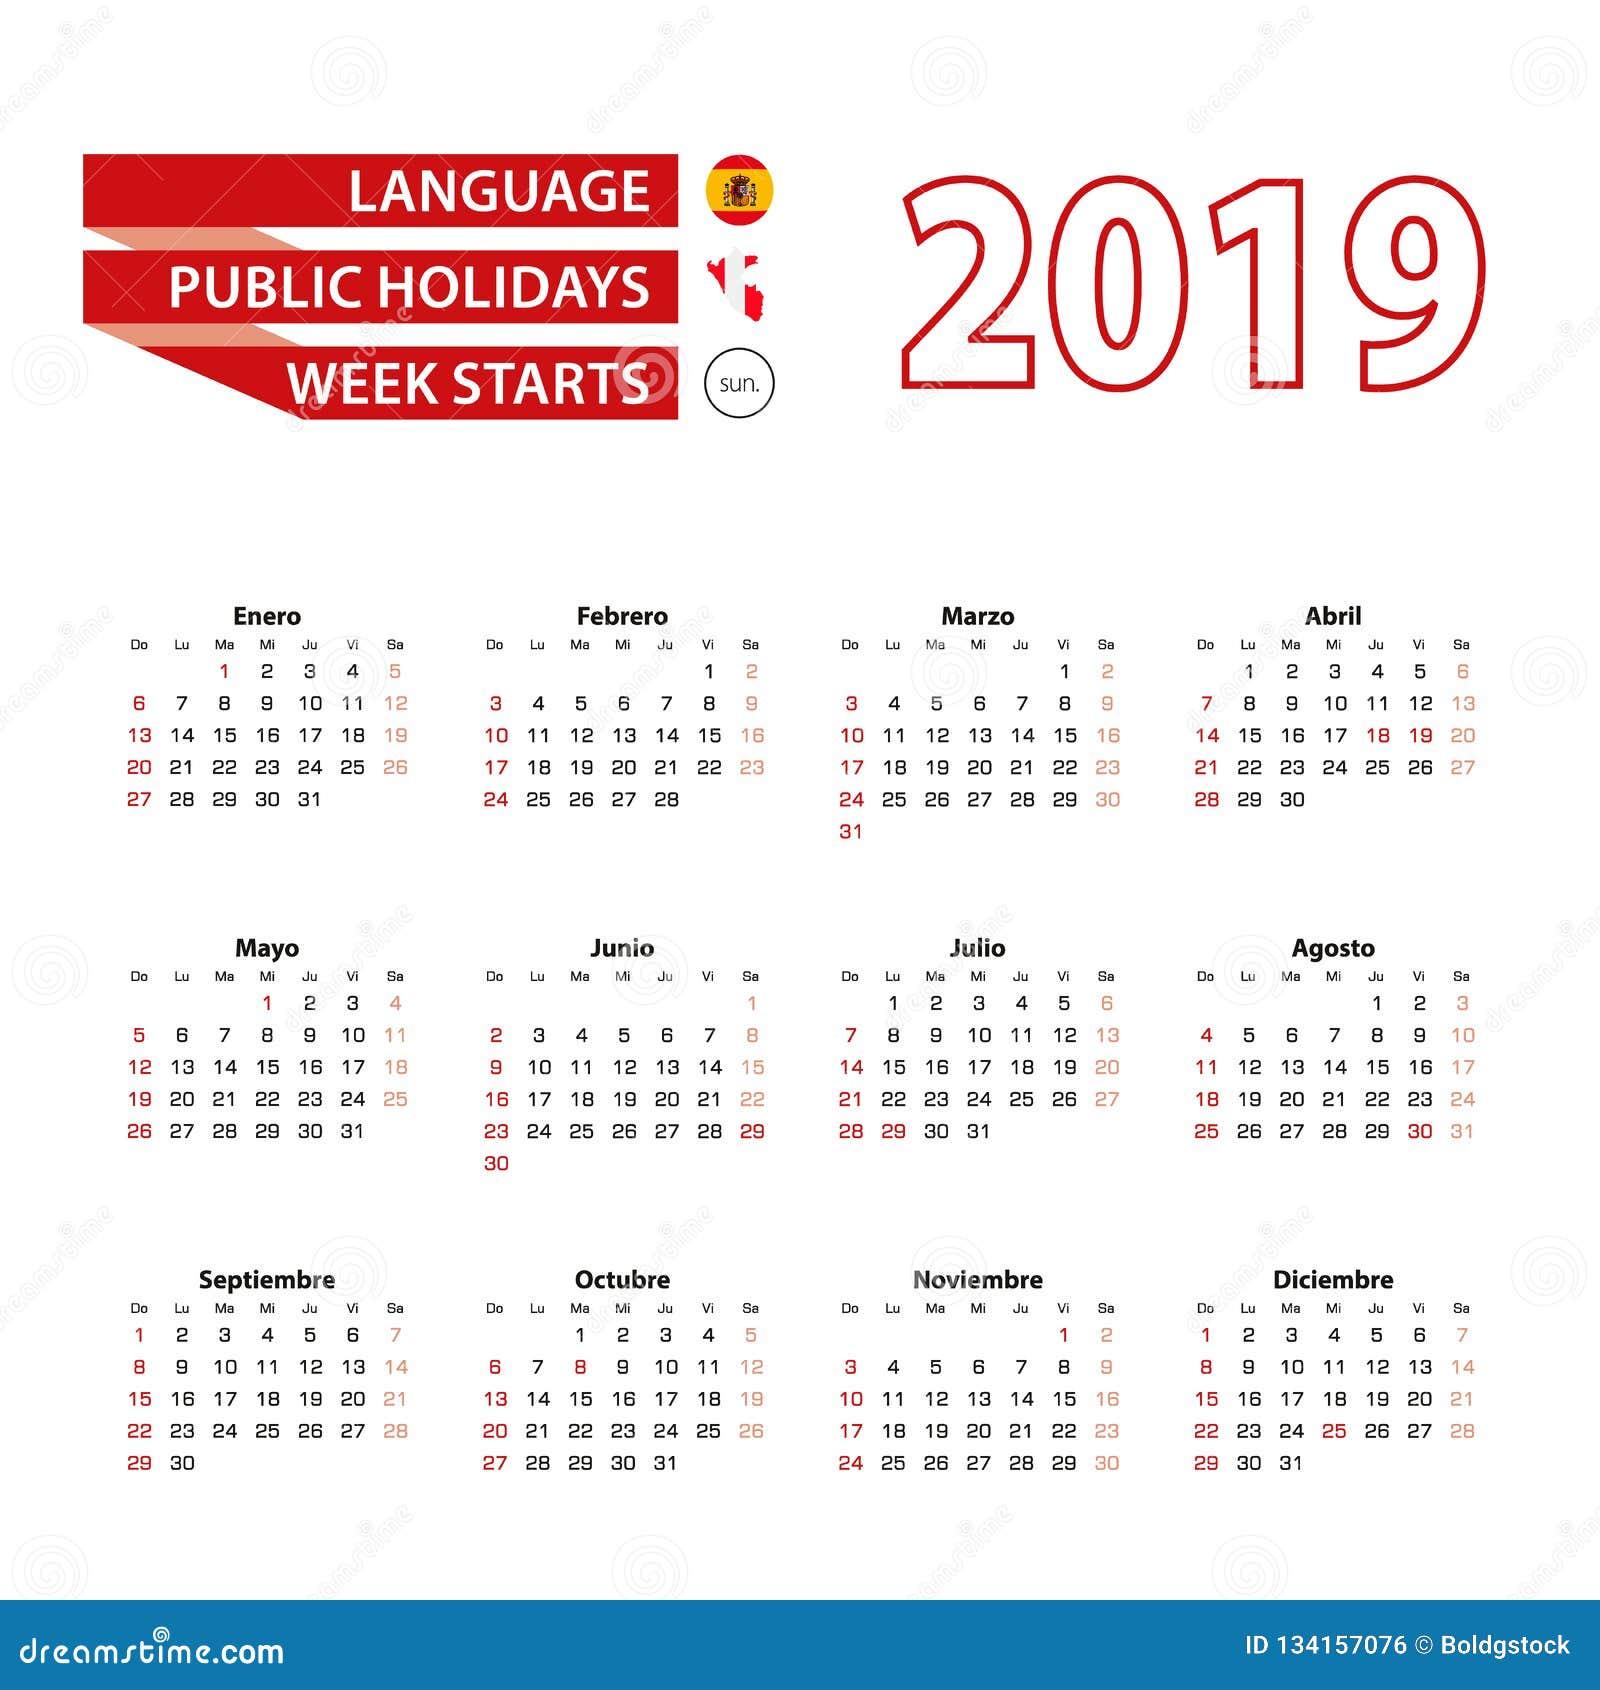 Calendario Agosto 2019 Con Feriados.Calendario 2019 En Lengua Espanola Con Dias Festivos El Pais